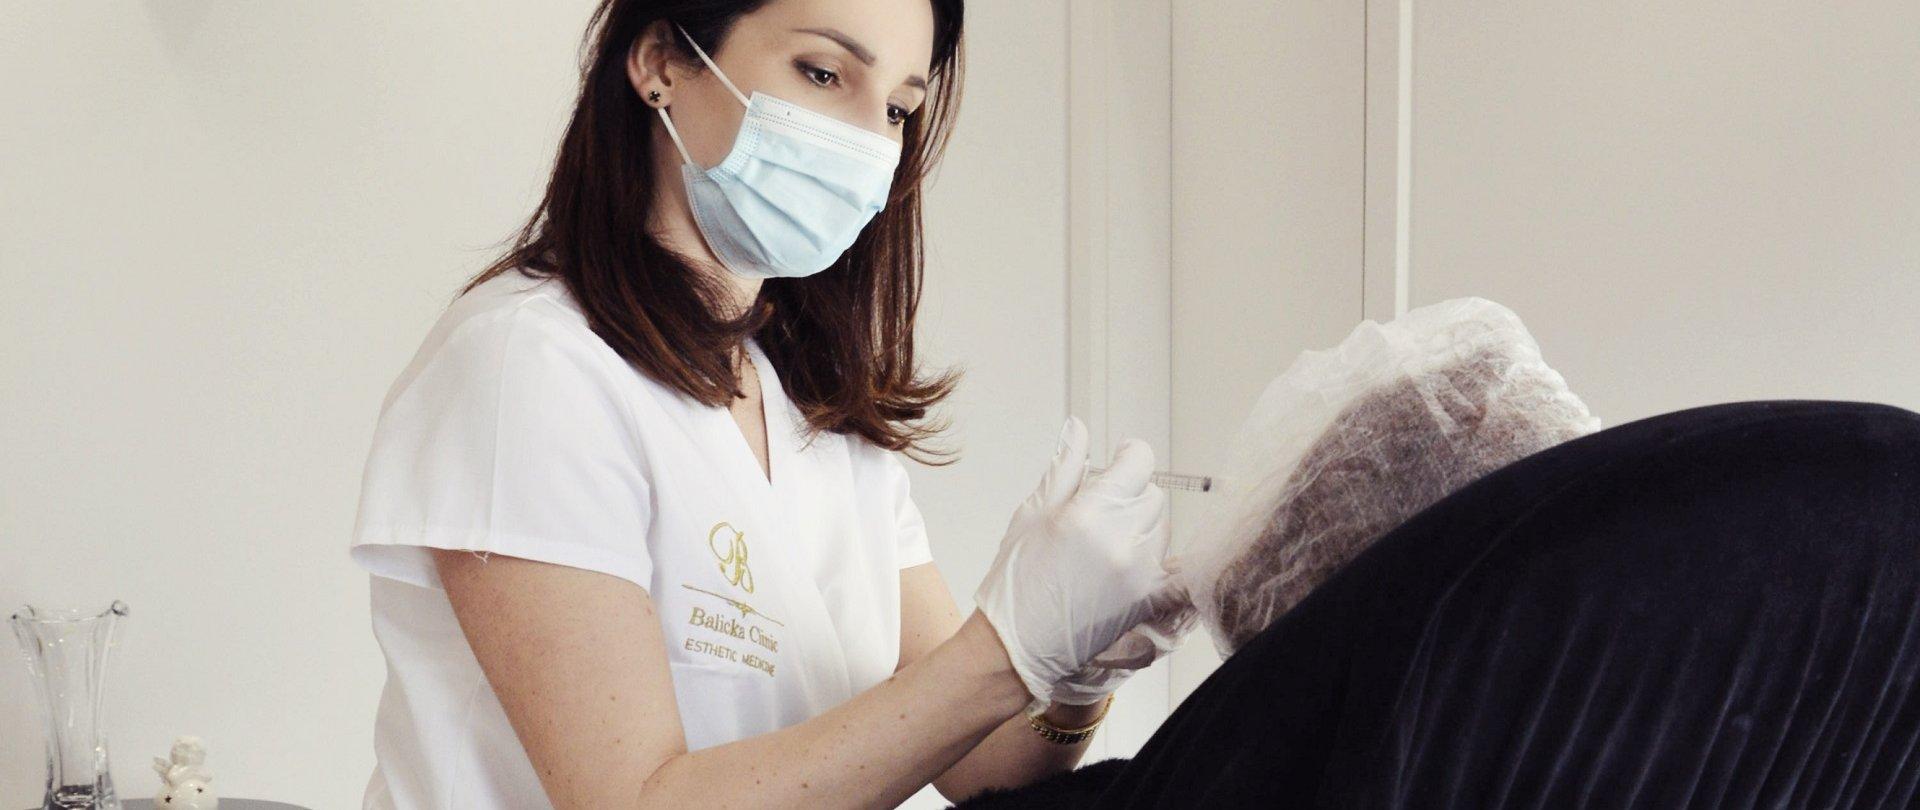 Bacówka rozpoczęła współpracę z Balicka Clinic!